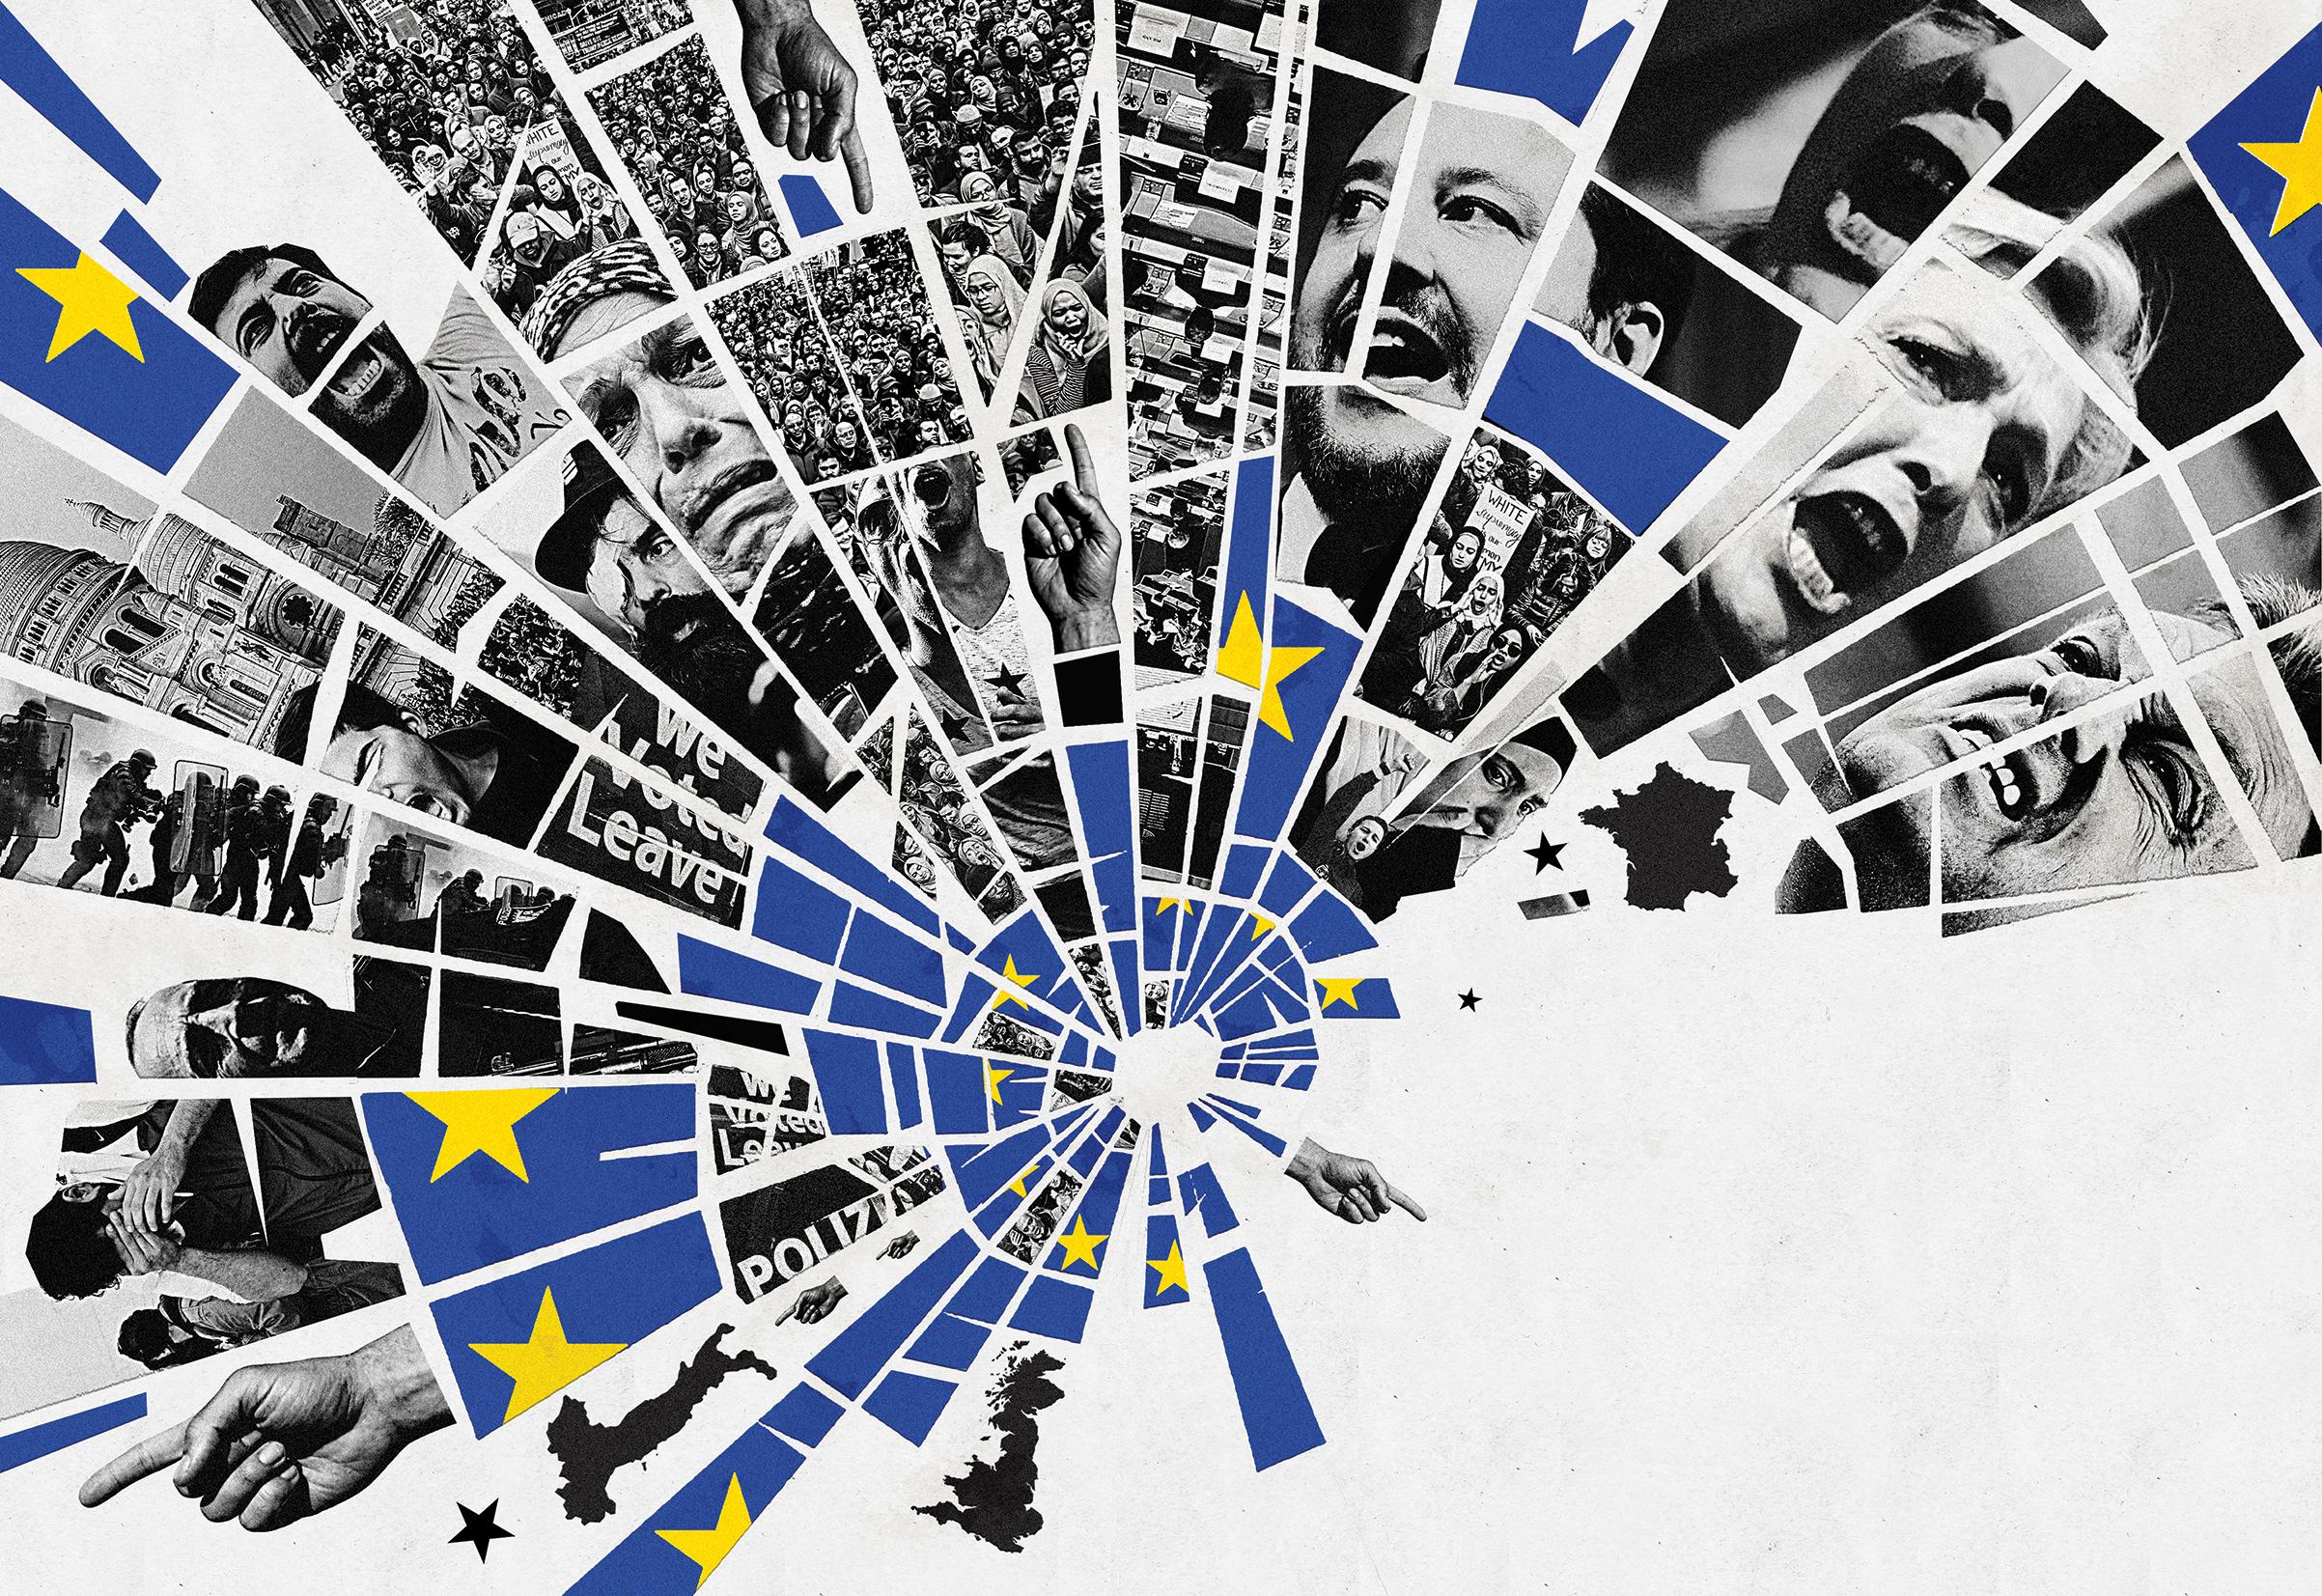 خلق أوروبا: خطاب الحضارة - مقاييس النظام الليبرالي العالمي - النسيج الثقافي الأوروبي - العالم المعاصر بتكوينه الاقتصادي والسياسي والاجتماعي